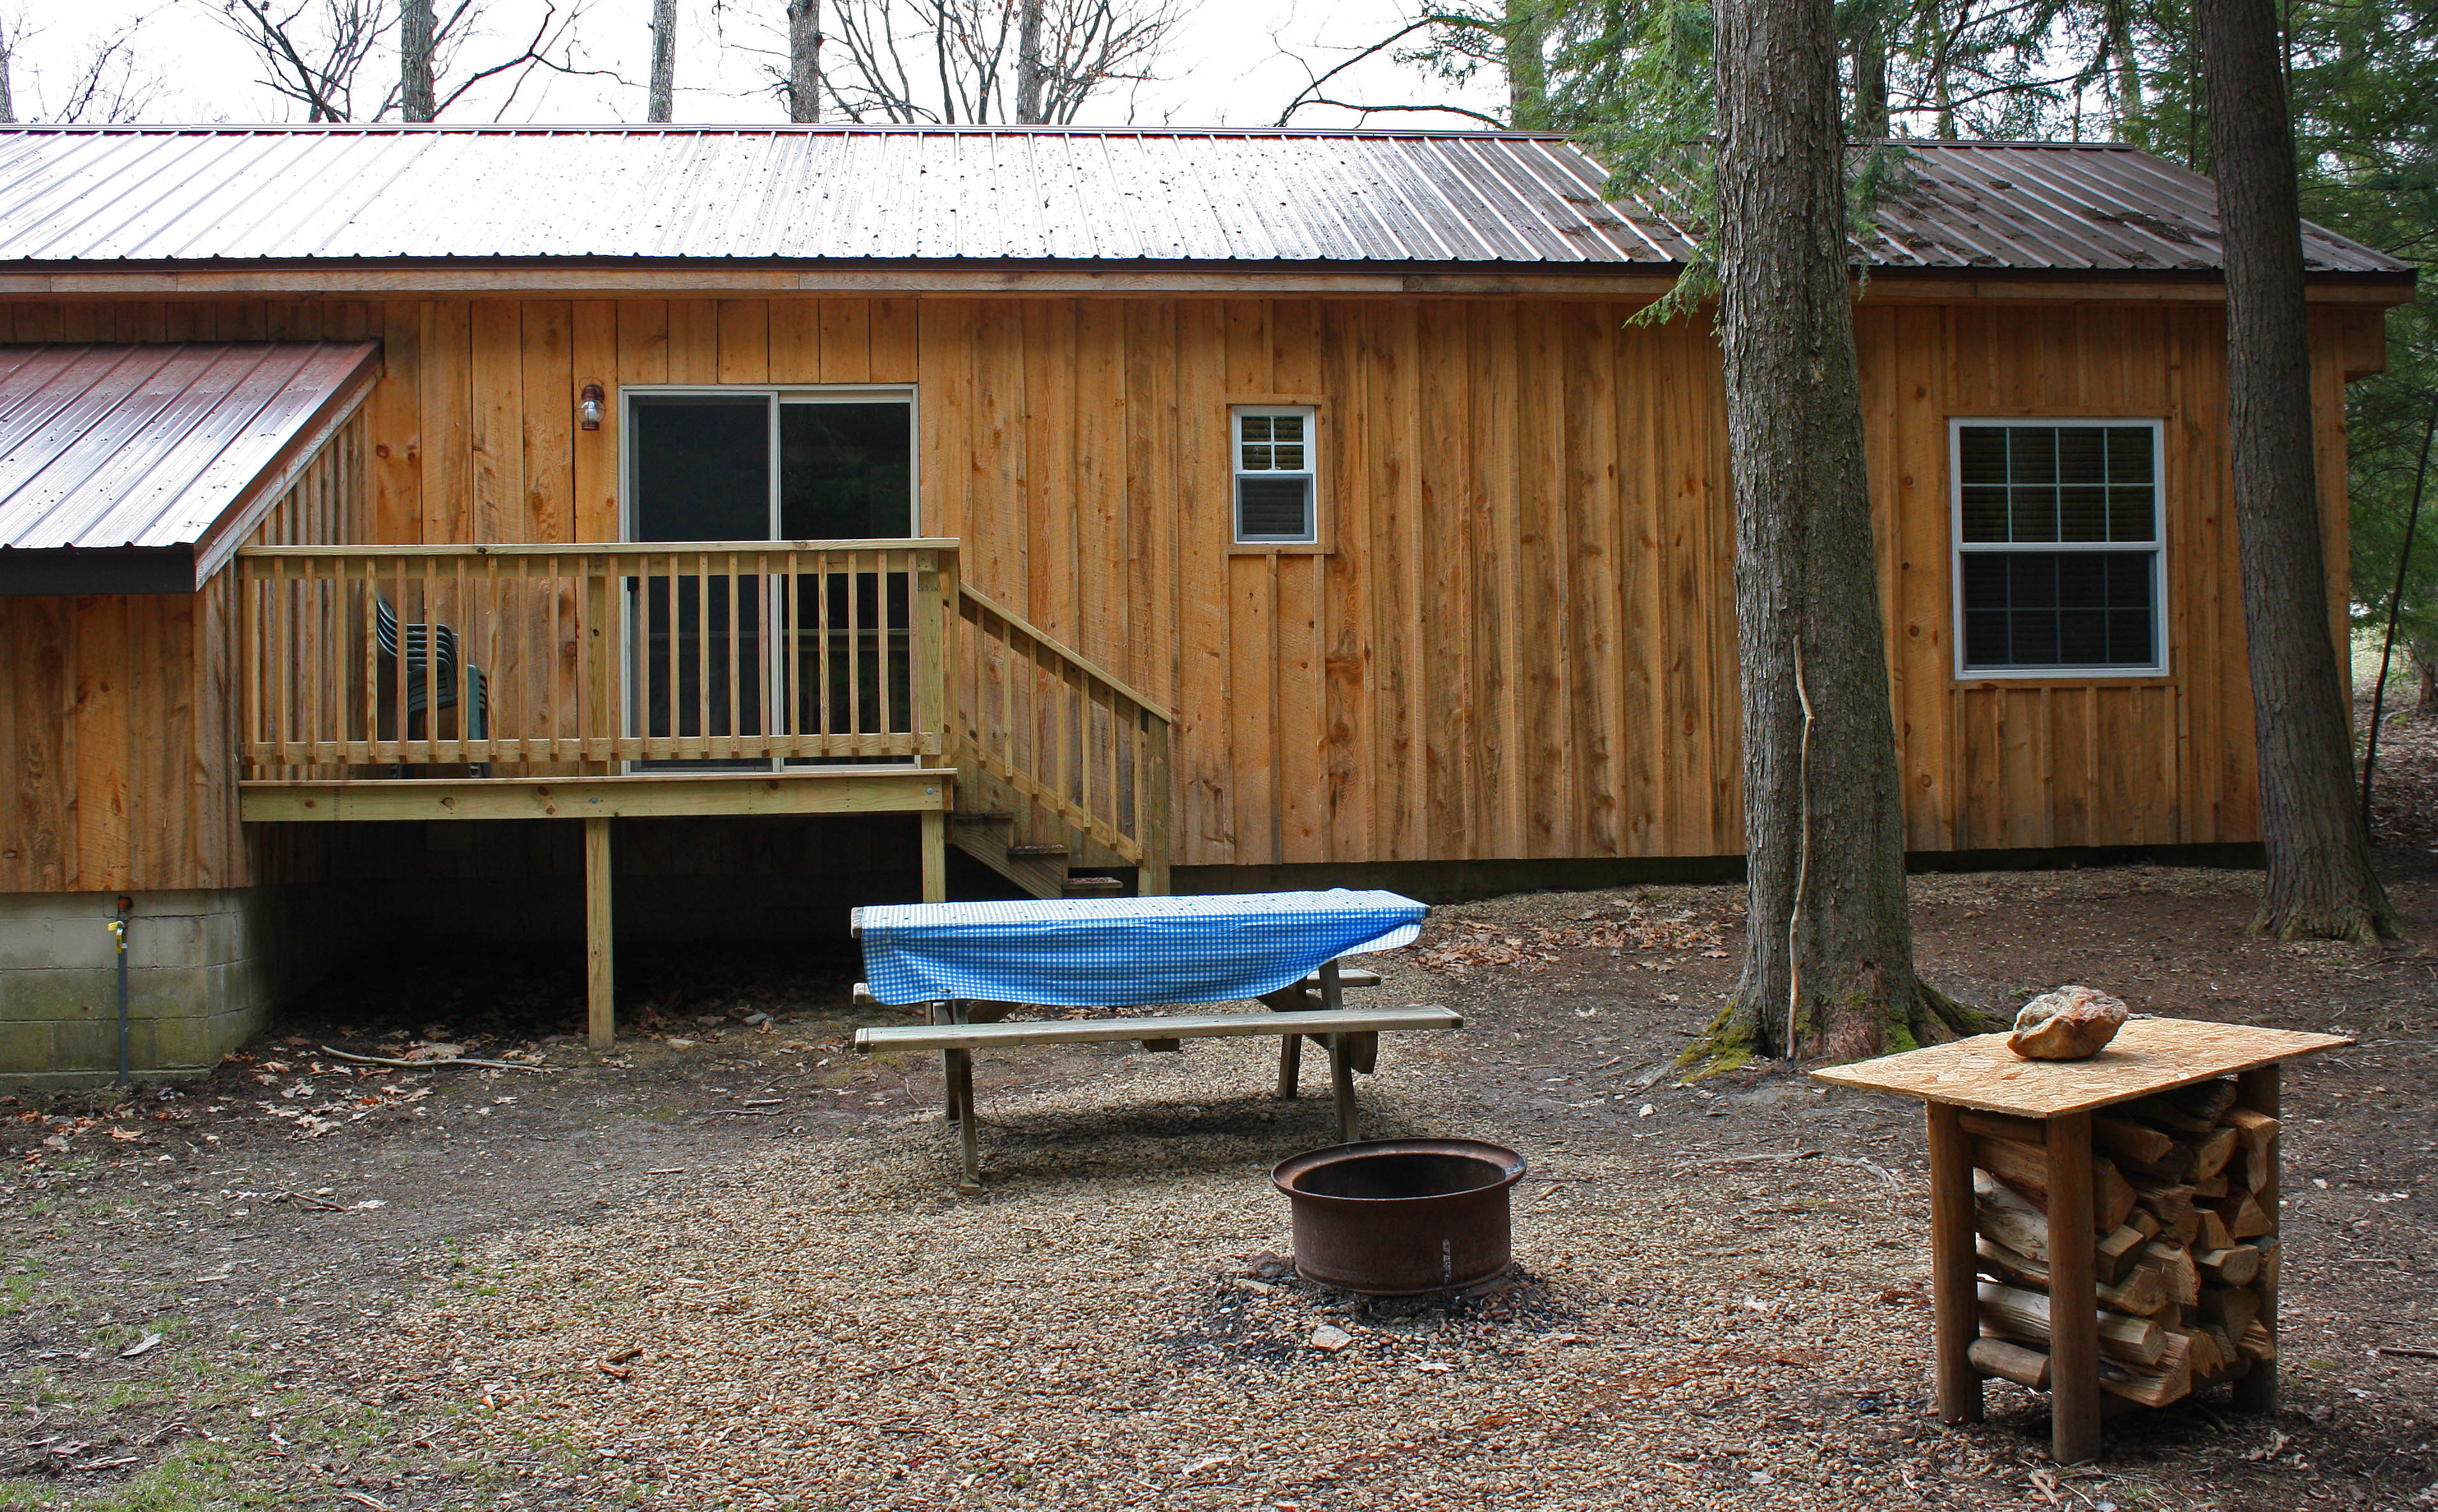 luxury beach colorado wears cabins rentals tn in michigan romantic valley denver virginia cabin nj pa waterfront texas log